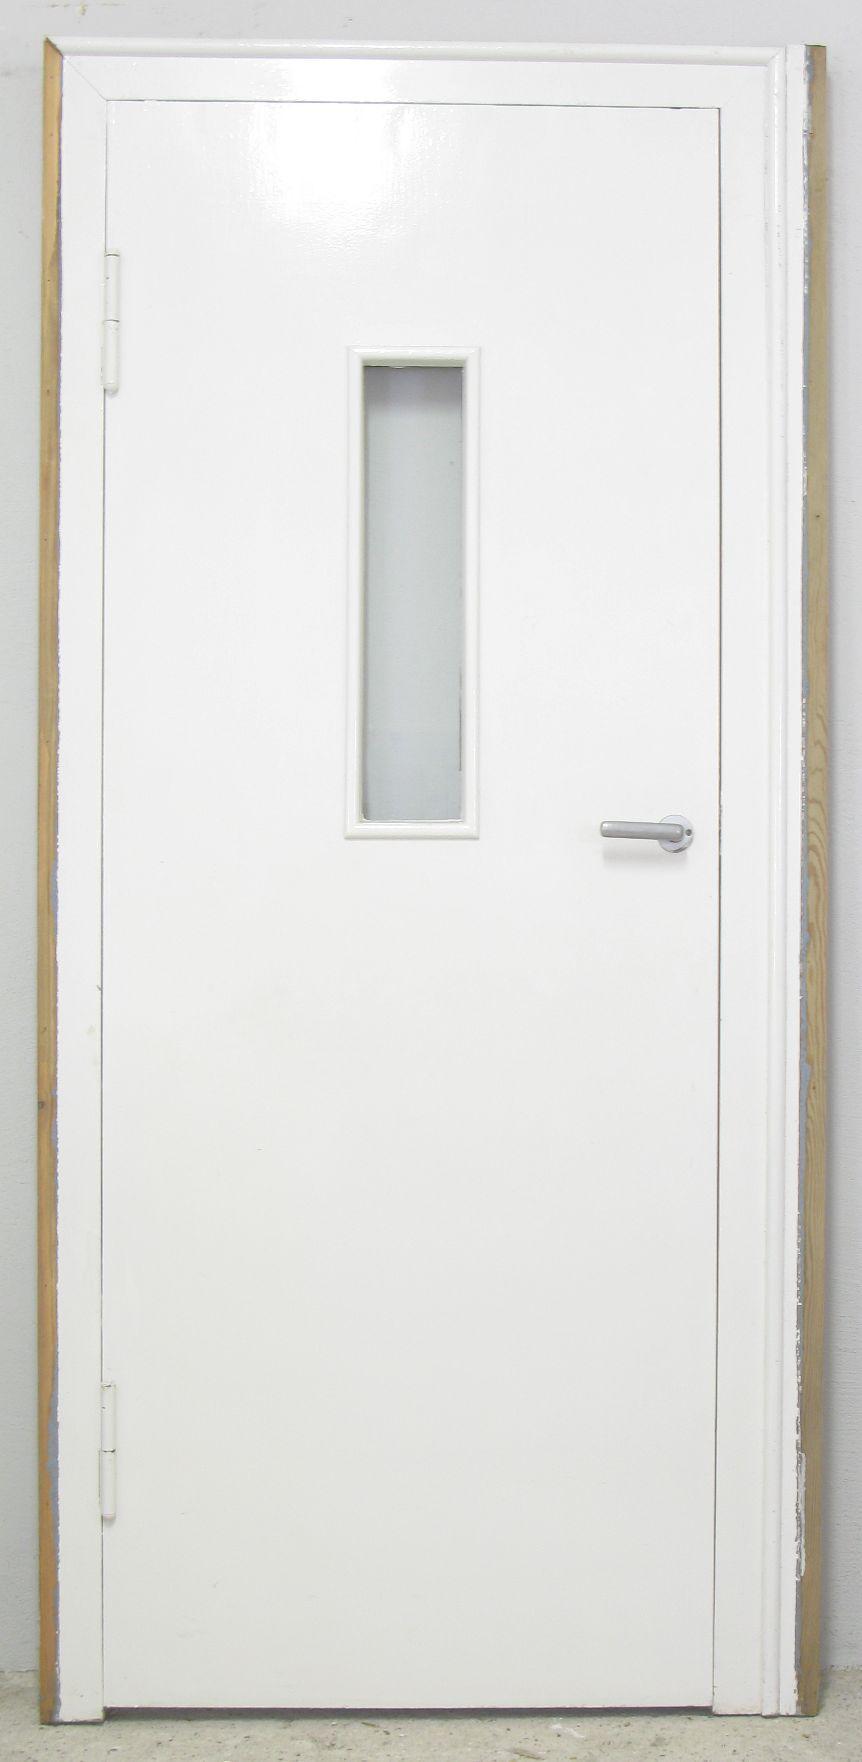 zimmert r bauhaus mit rahmen historische bauelemente jetzt online bestellen. Black Bedroom Furniture Sets. Home Design Ideas